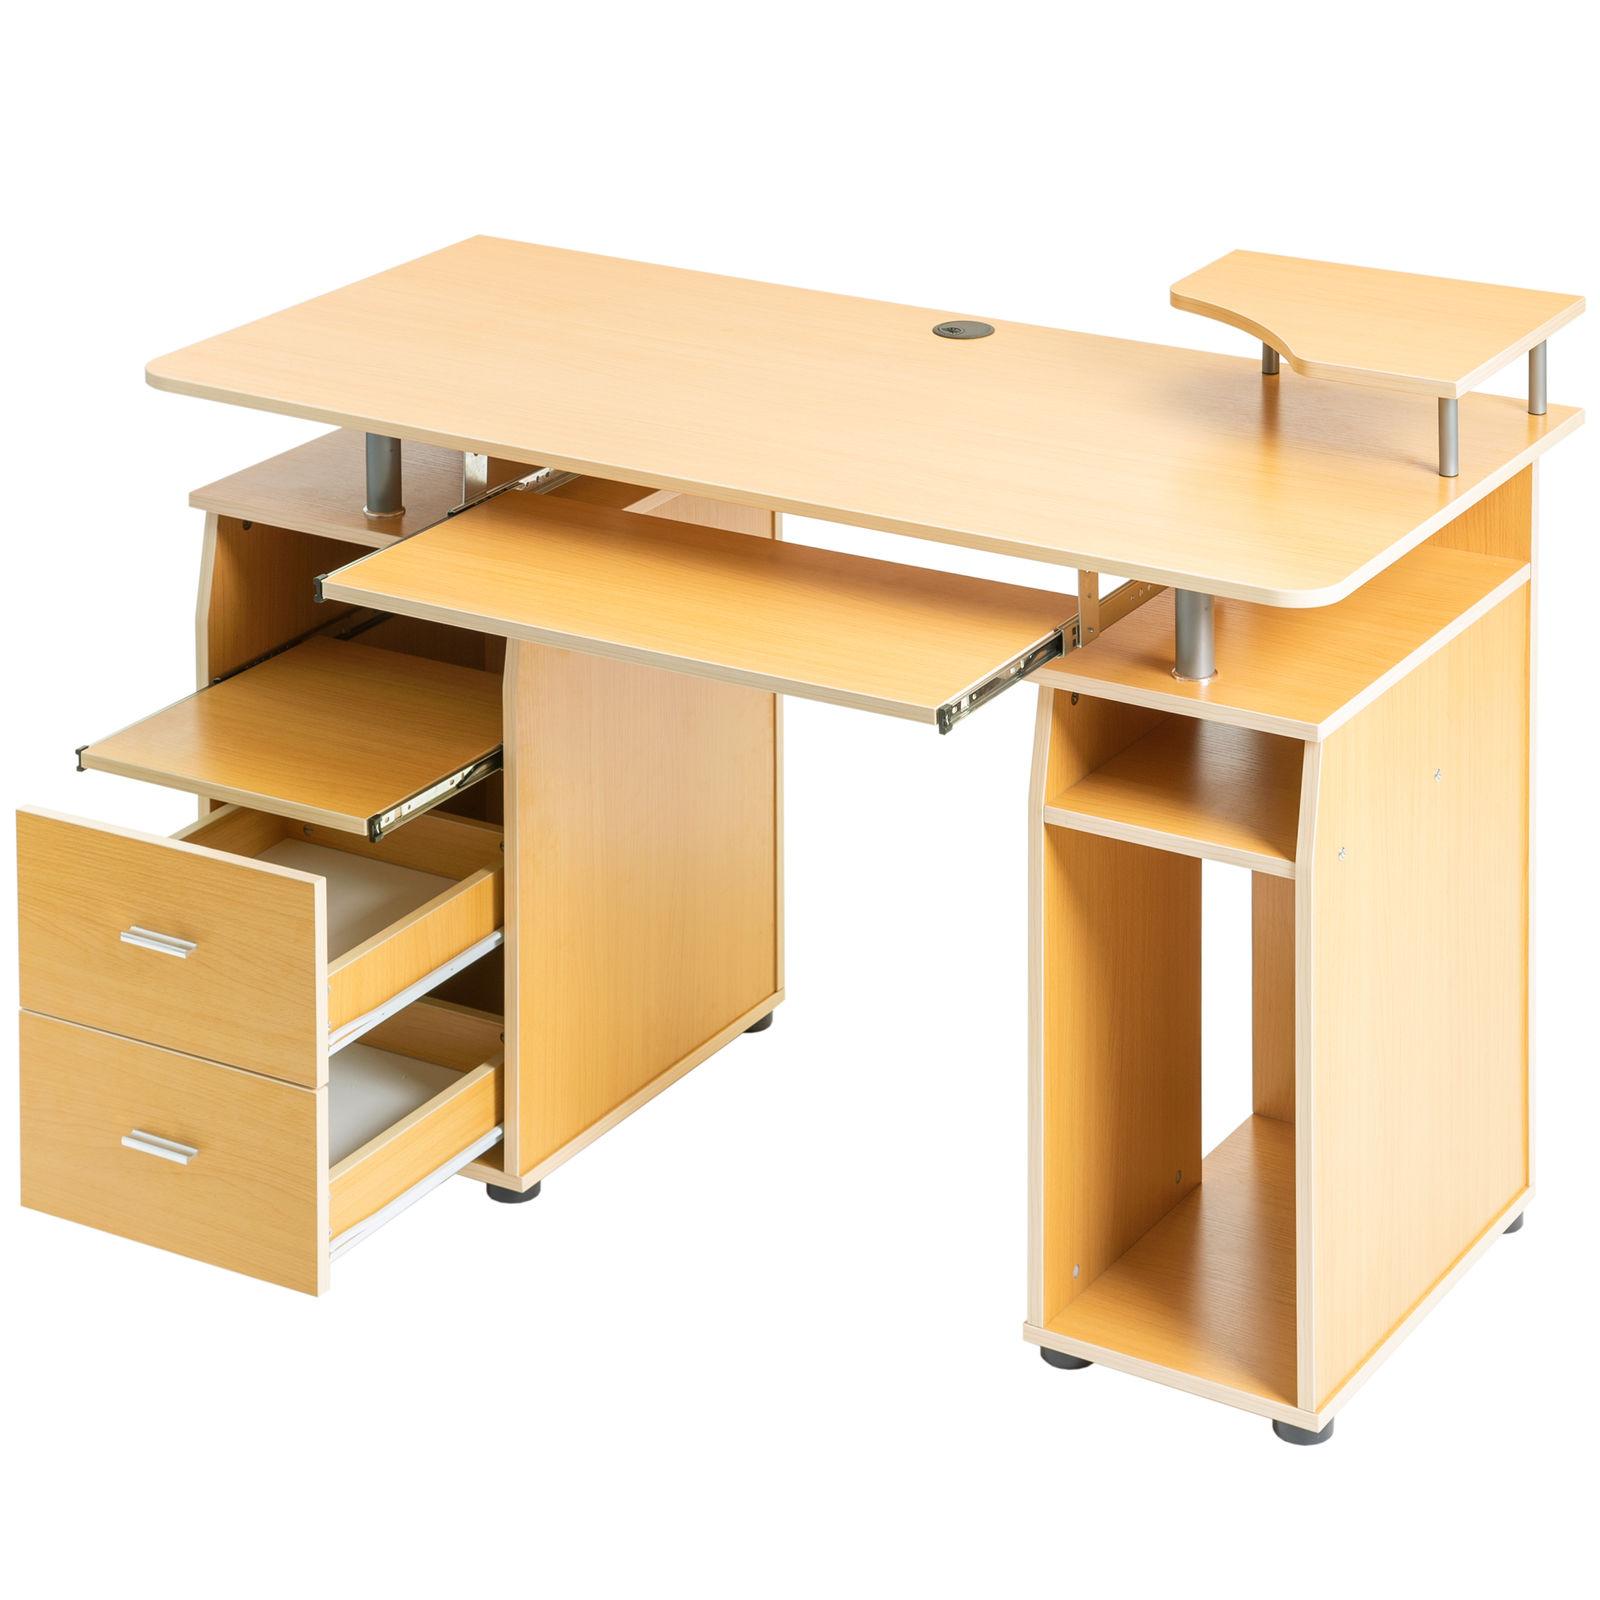 Razonable Escritorio De Ordenador Con Bandeja De Teclado Y Cajones De Almacenamiento Para Ordenador Portátil Pc Mesa De Estudio Para Oficina En Casa